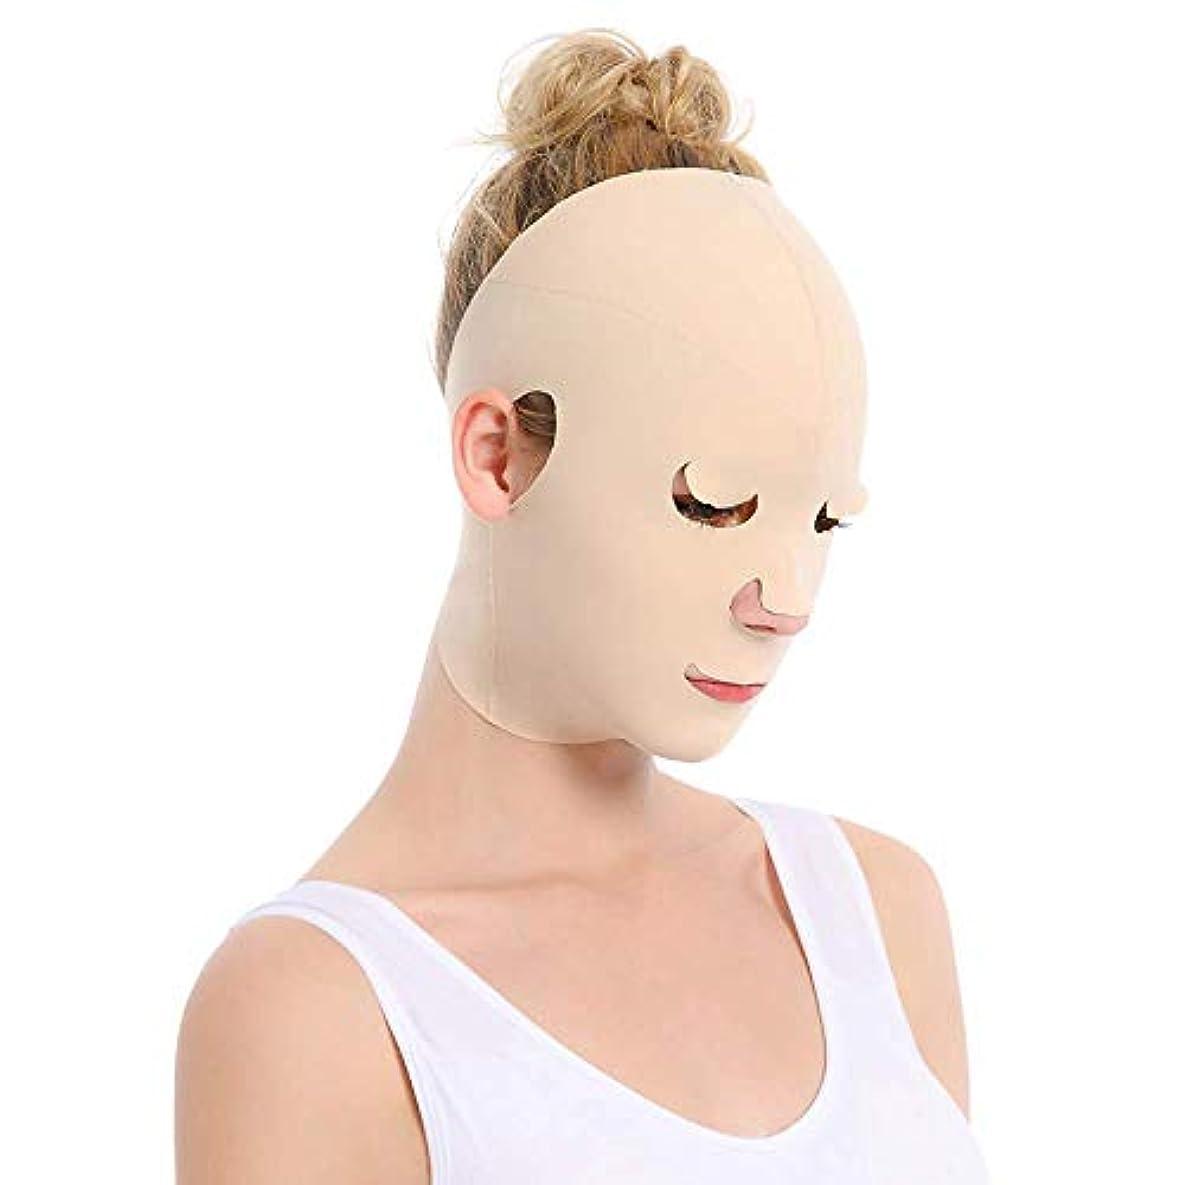 有効なおっと宿泊スモールフェイスツールVフェイス包帯シンフェイスビューティーマスクレイジースリープマスク男性と女性Vフェイス包帯整形リフティング引き締めフェイスシンダブルチン